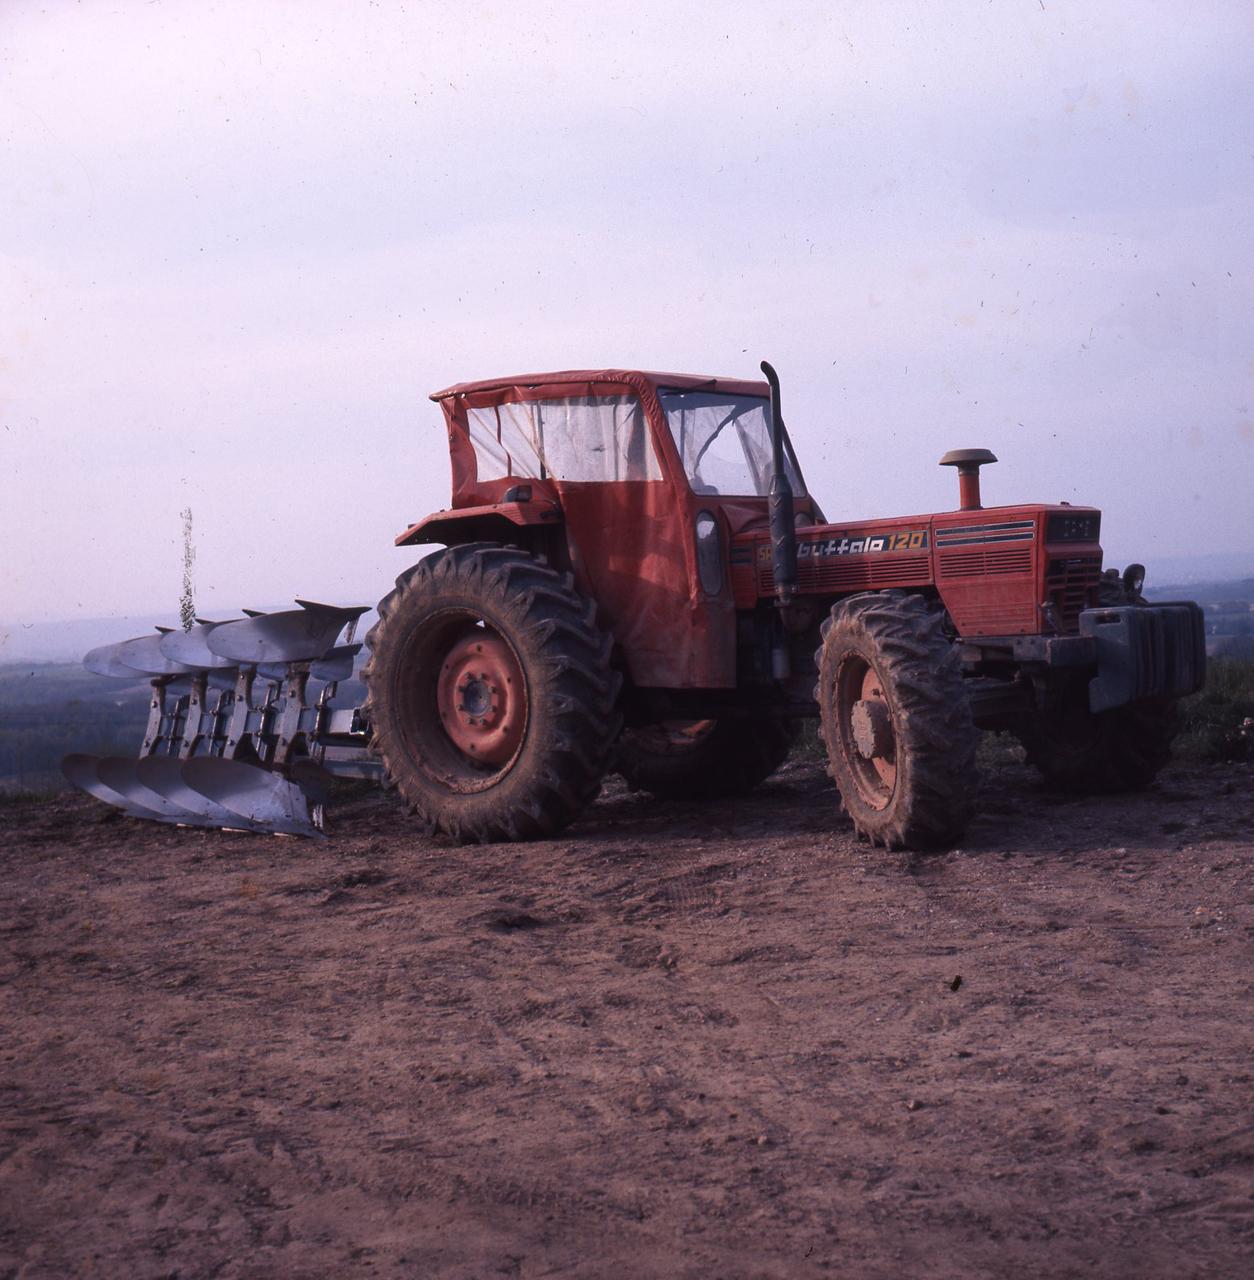 [SAME] trattore Buffalo 120 al lavoro con aratro